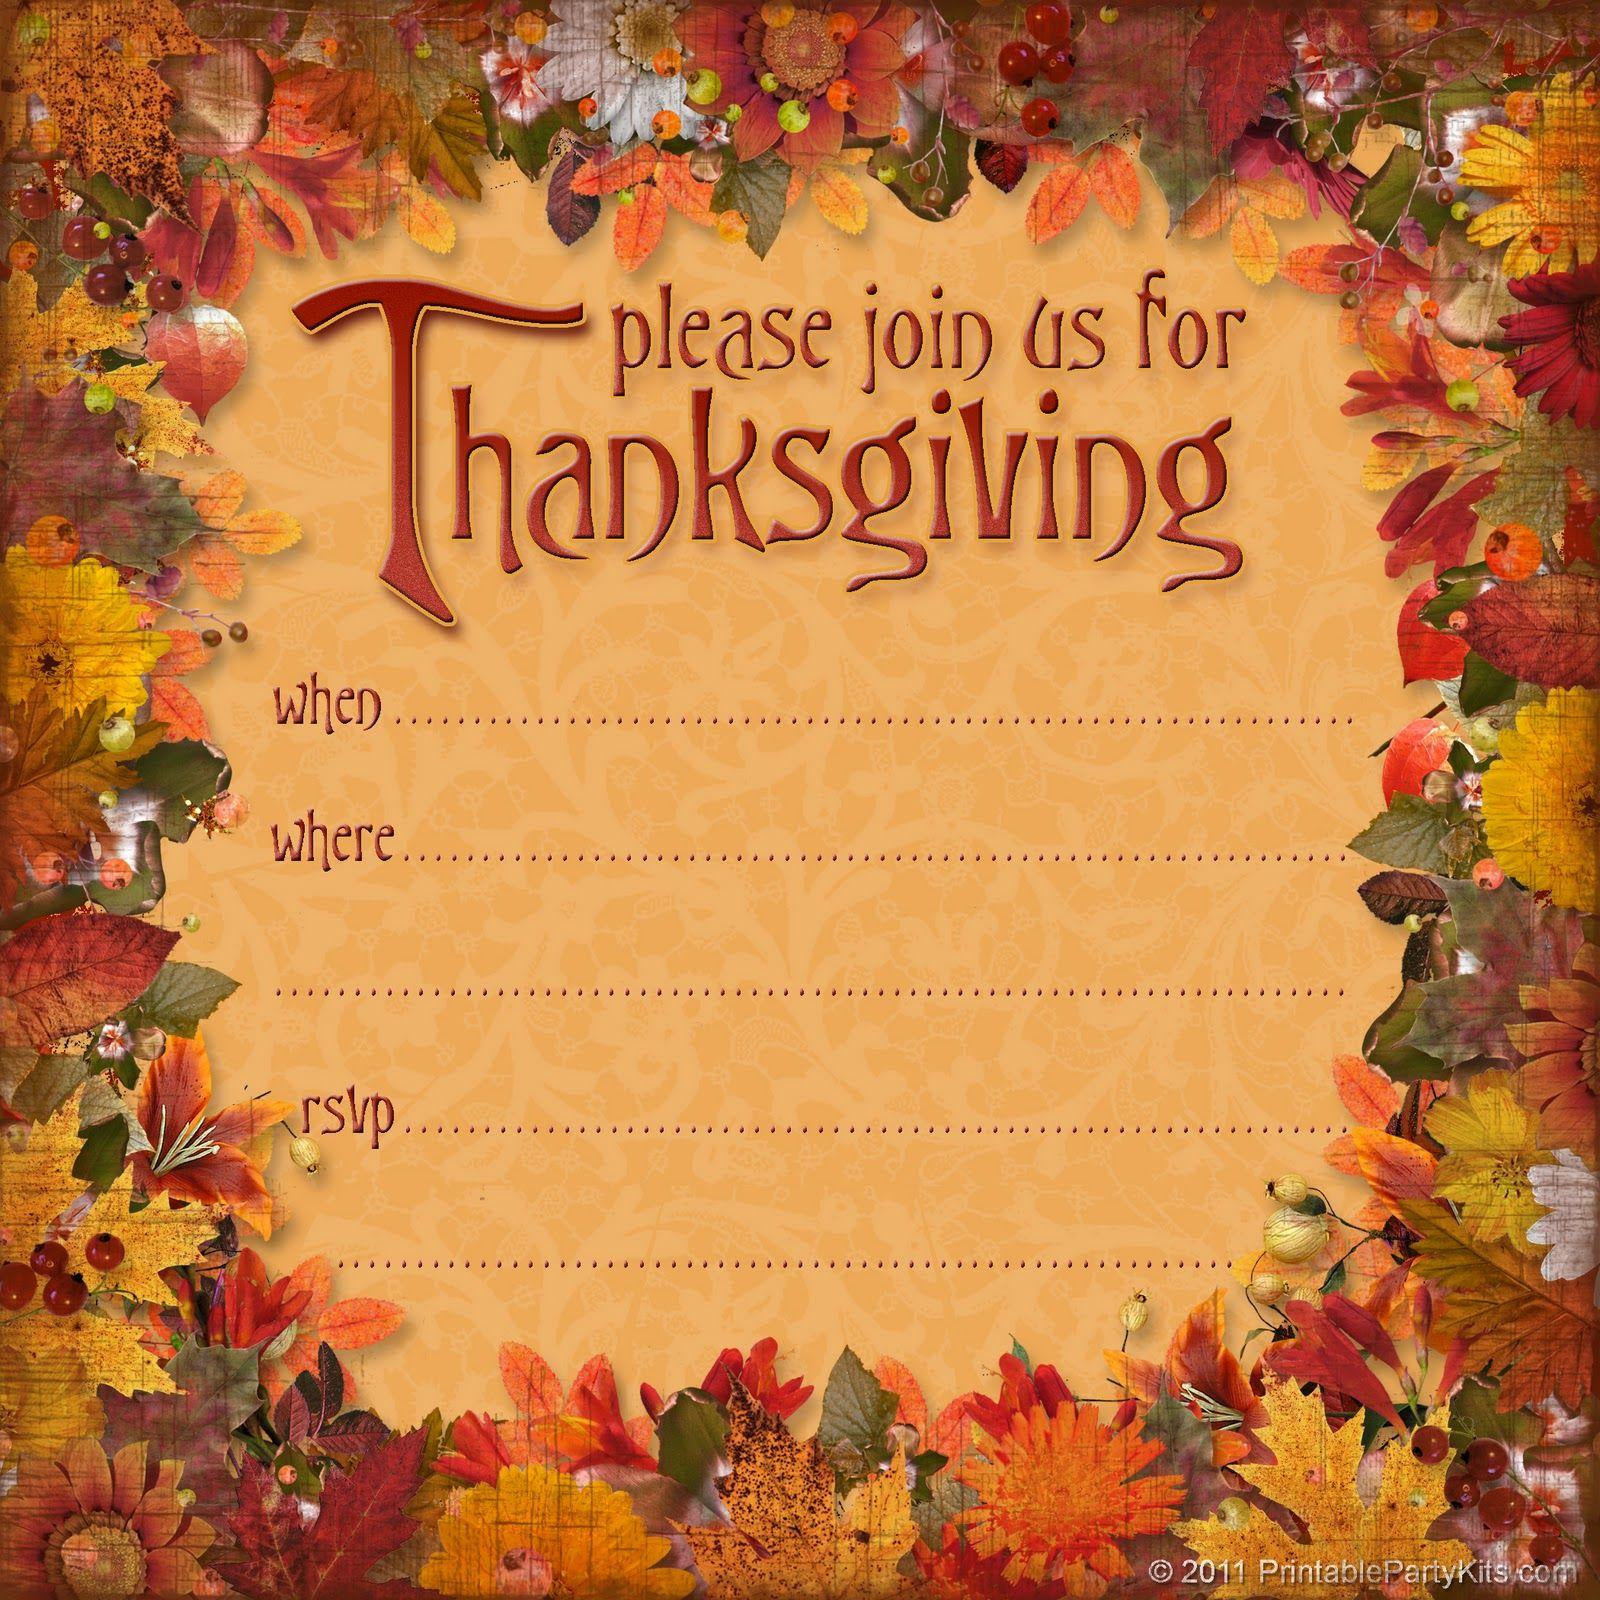 Free Thanksgiving Dinner Invitation   Thanksgiving   Thanksgiving - Free Printable Thanksgiving Invitations